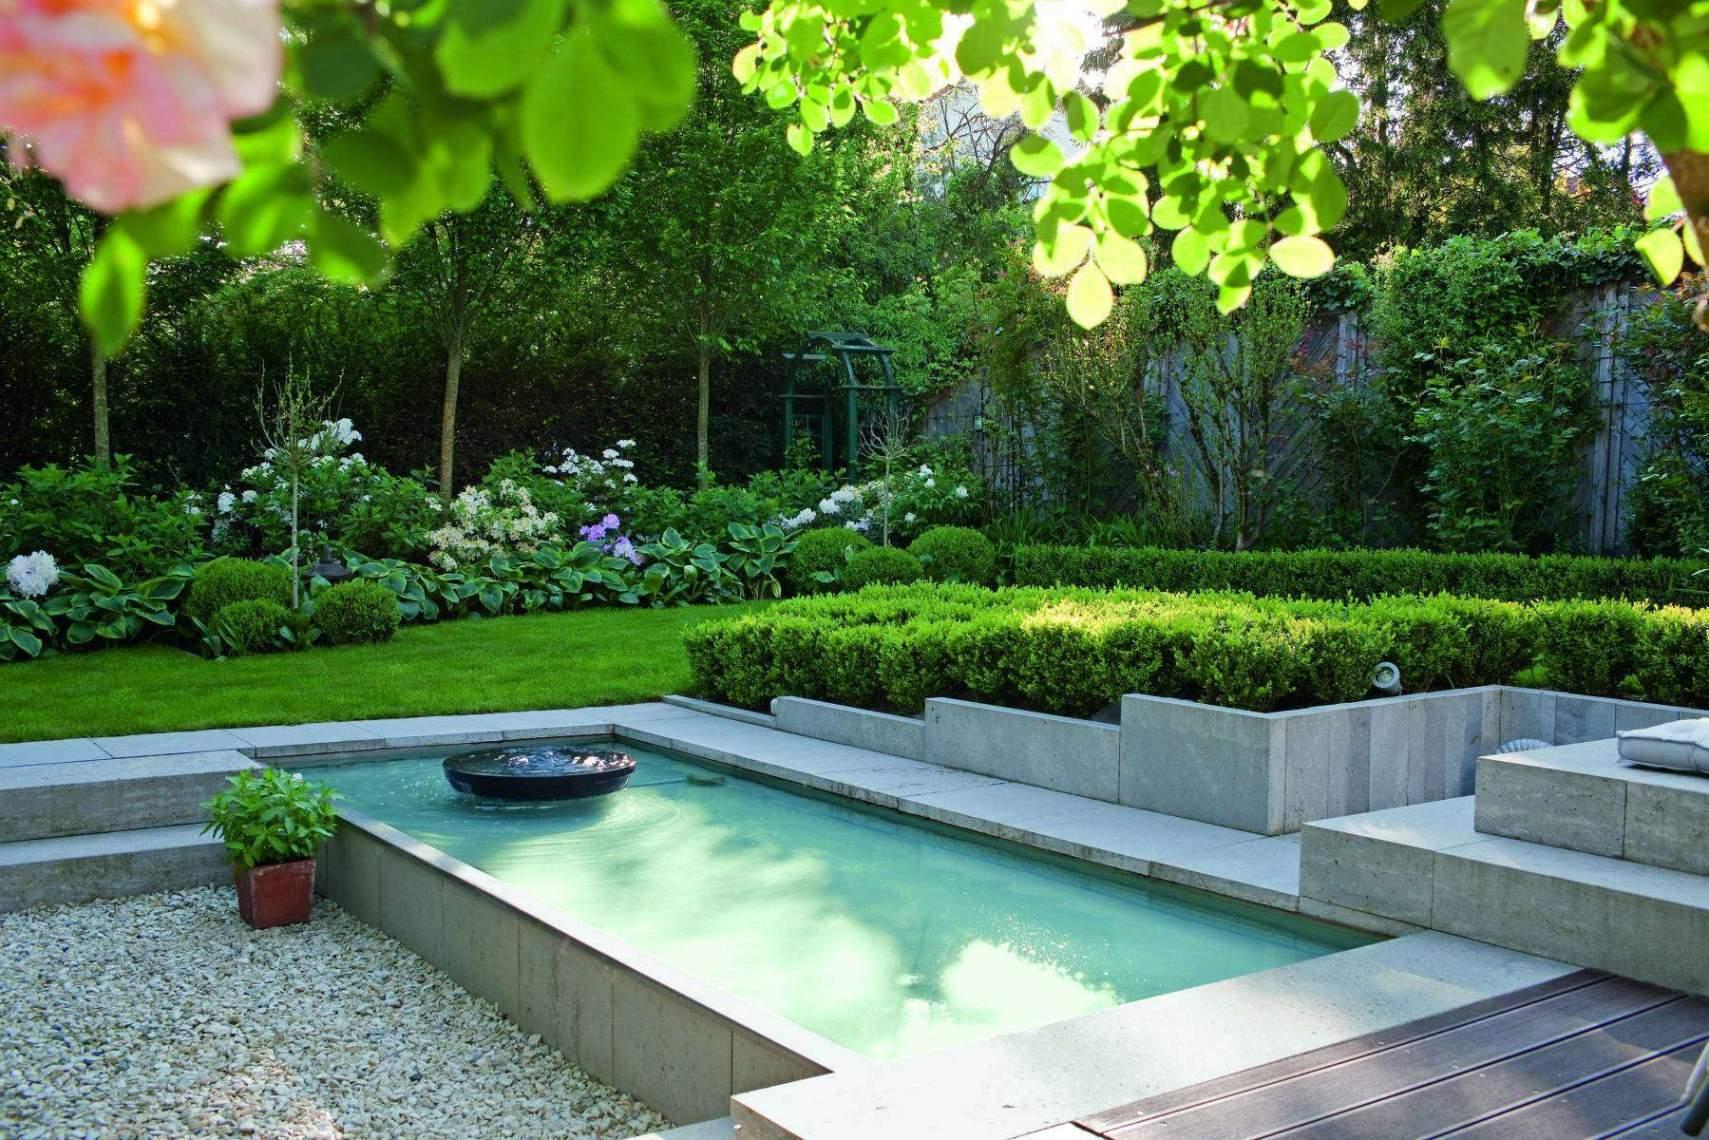 Schwimmpool Für Garten Einzigartig Kleine Pools Für Kleine Gärten — Temobardz Home Blog